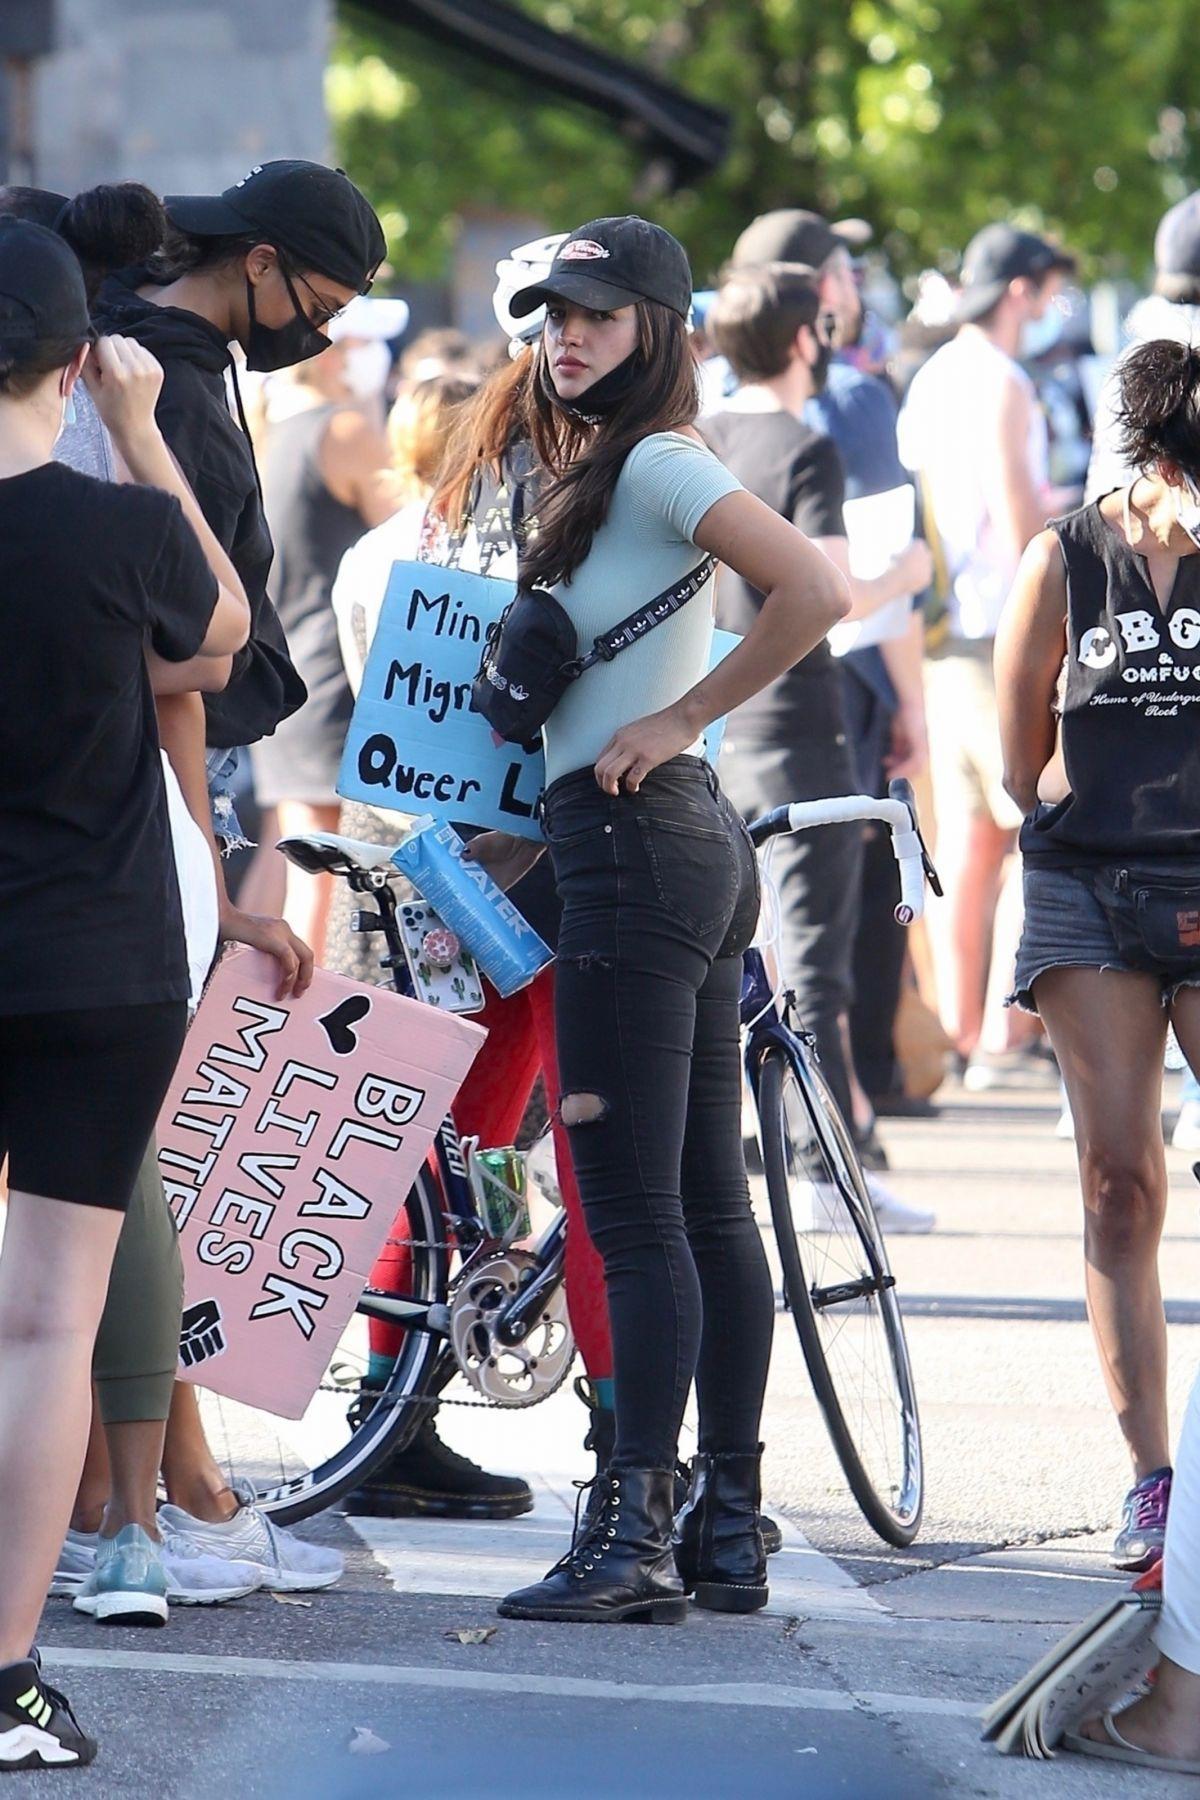 Eiza Gonzalez At A Protest In West Hollywood 2020 06 09 Eiza Gonzalez Emily Ratajkowski Outfits Fashion